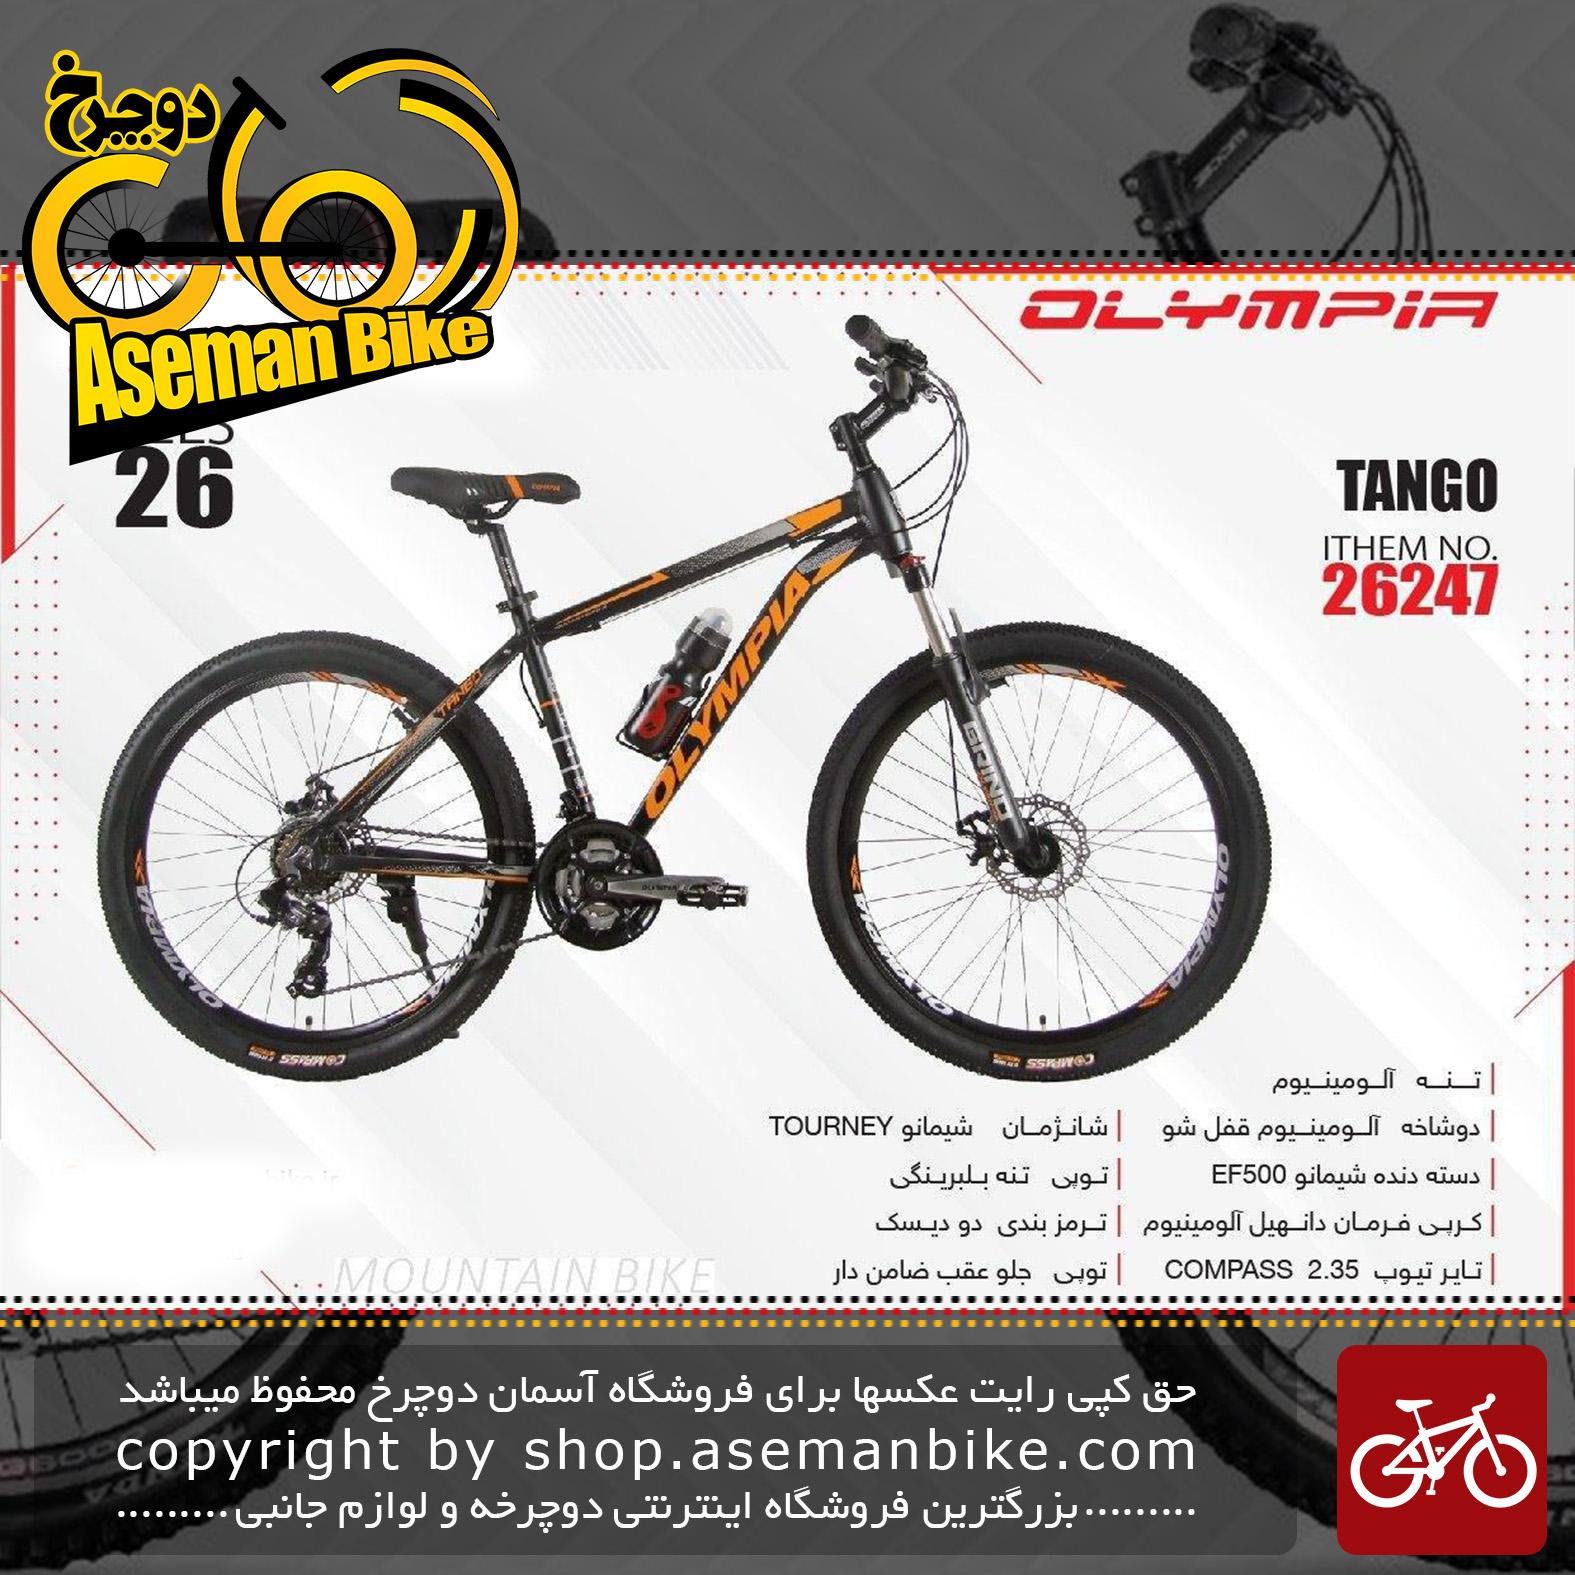 دوچرخه کوهستان المپیا سایز 26 مدل تانگو ترمز دسیک سایز 26 2019 OLYMPIA SIZE 26 Tango 2019